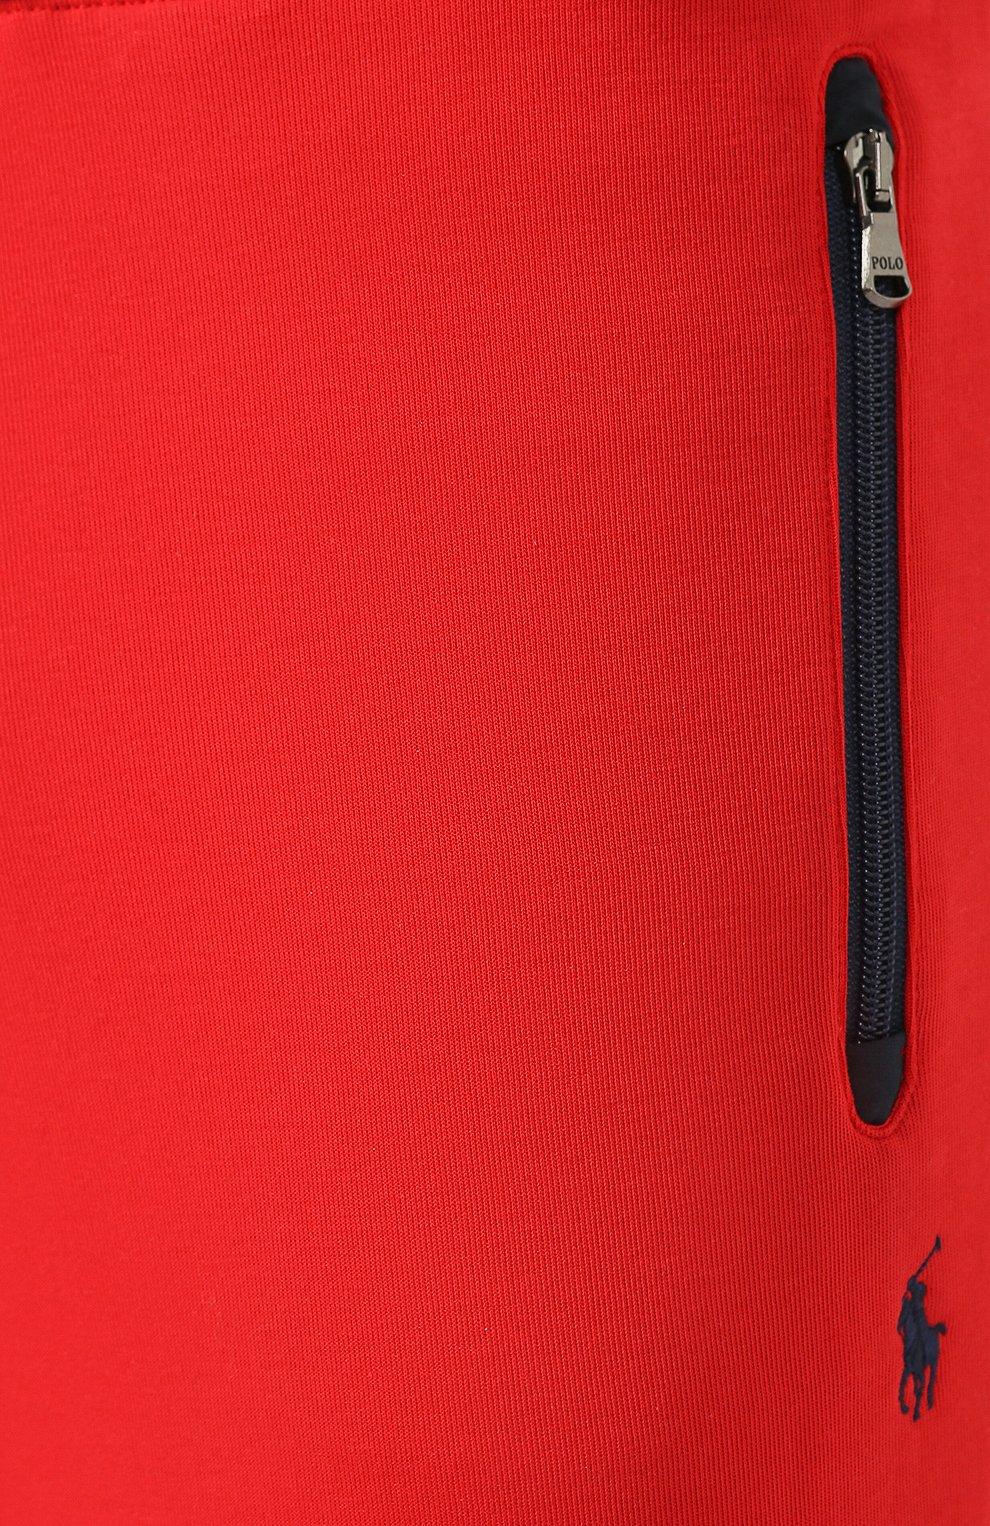 Мужские джоггеры POLO RALPH LAUREN красного цвета, арт. 710792893   Фото 5